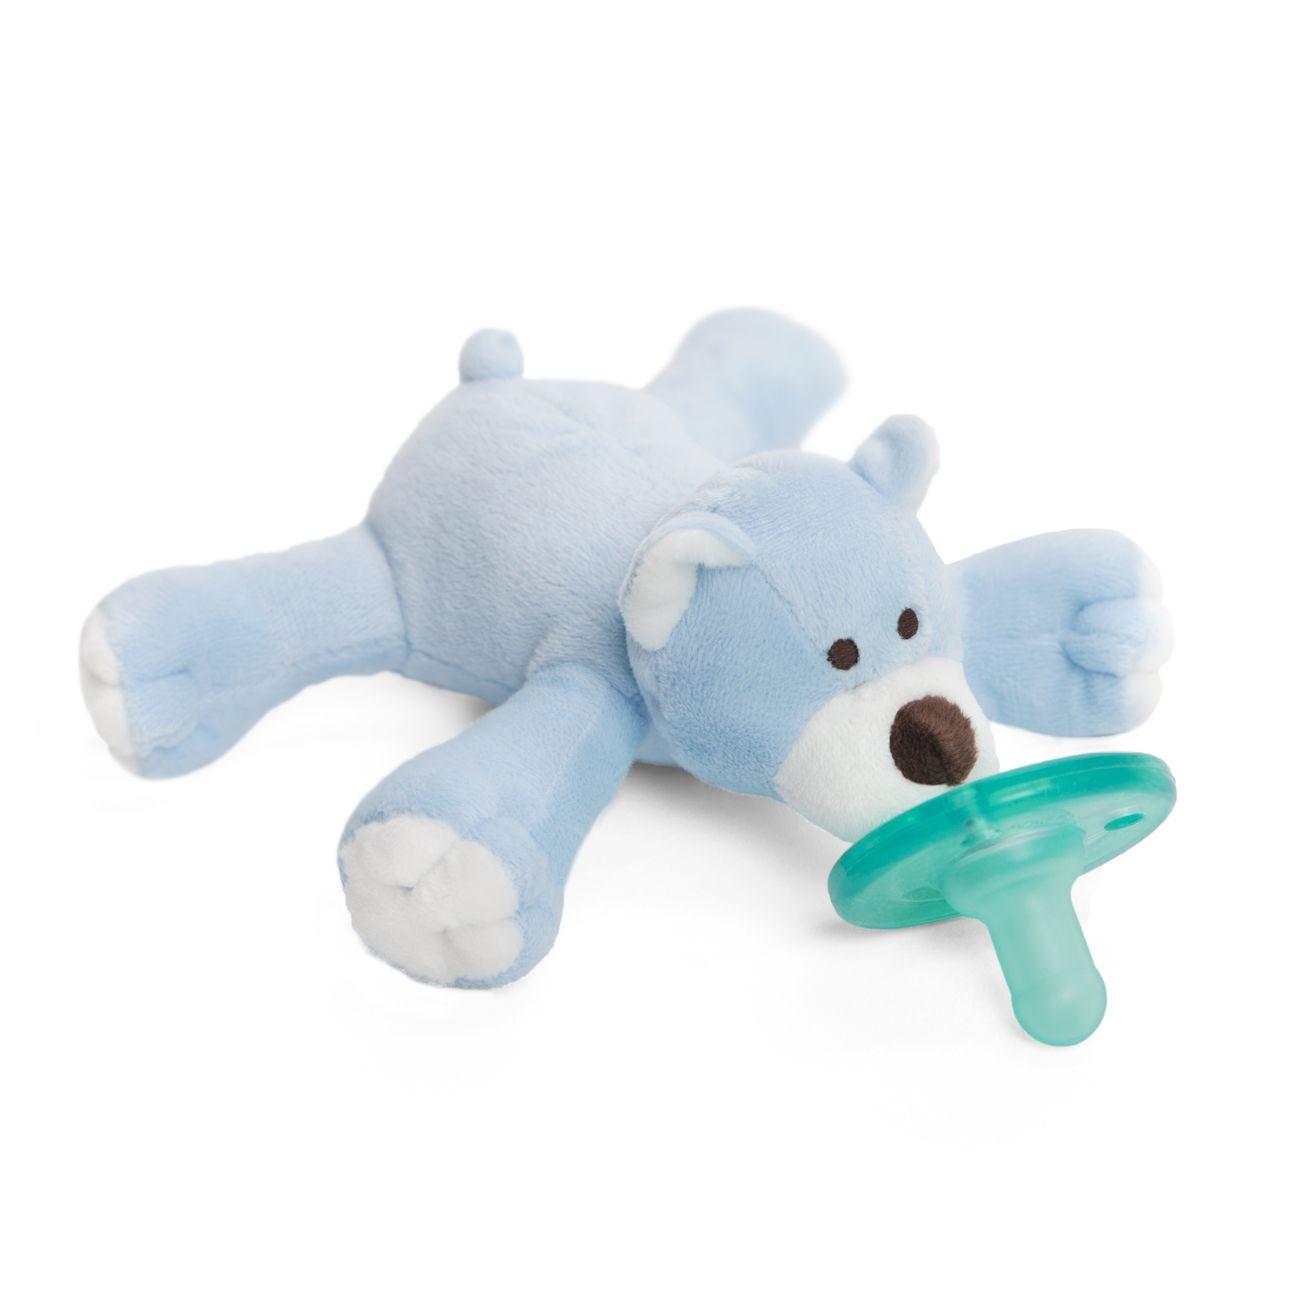 WN-22429 / BLUE / WUBBANUB BLUE BEAR